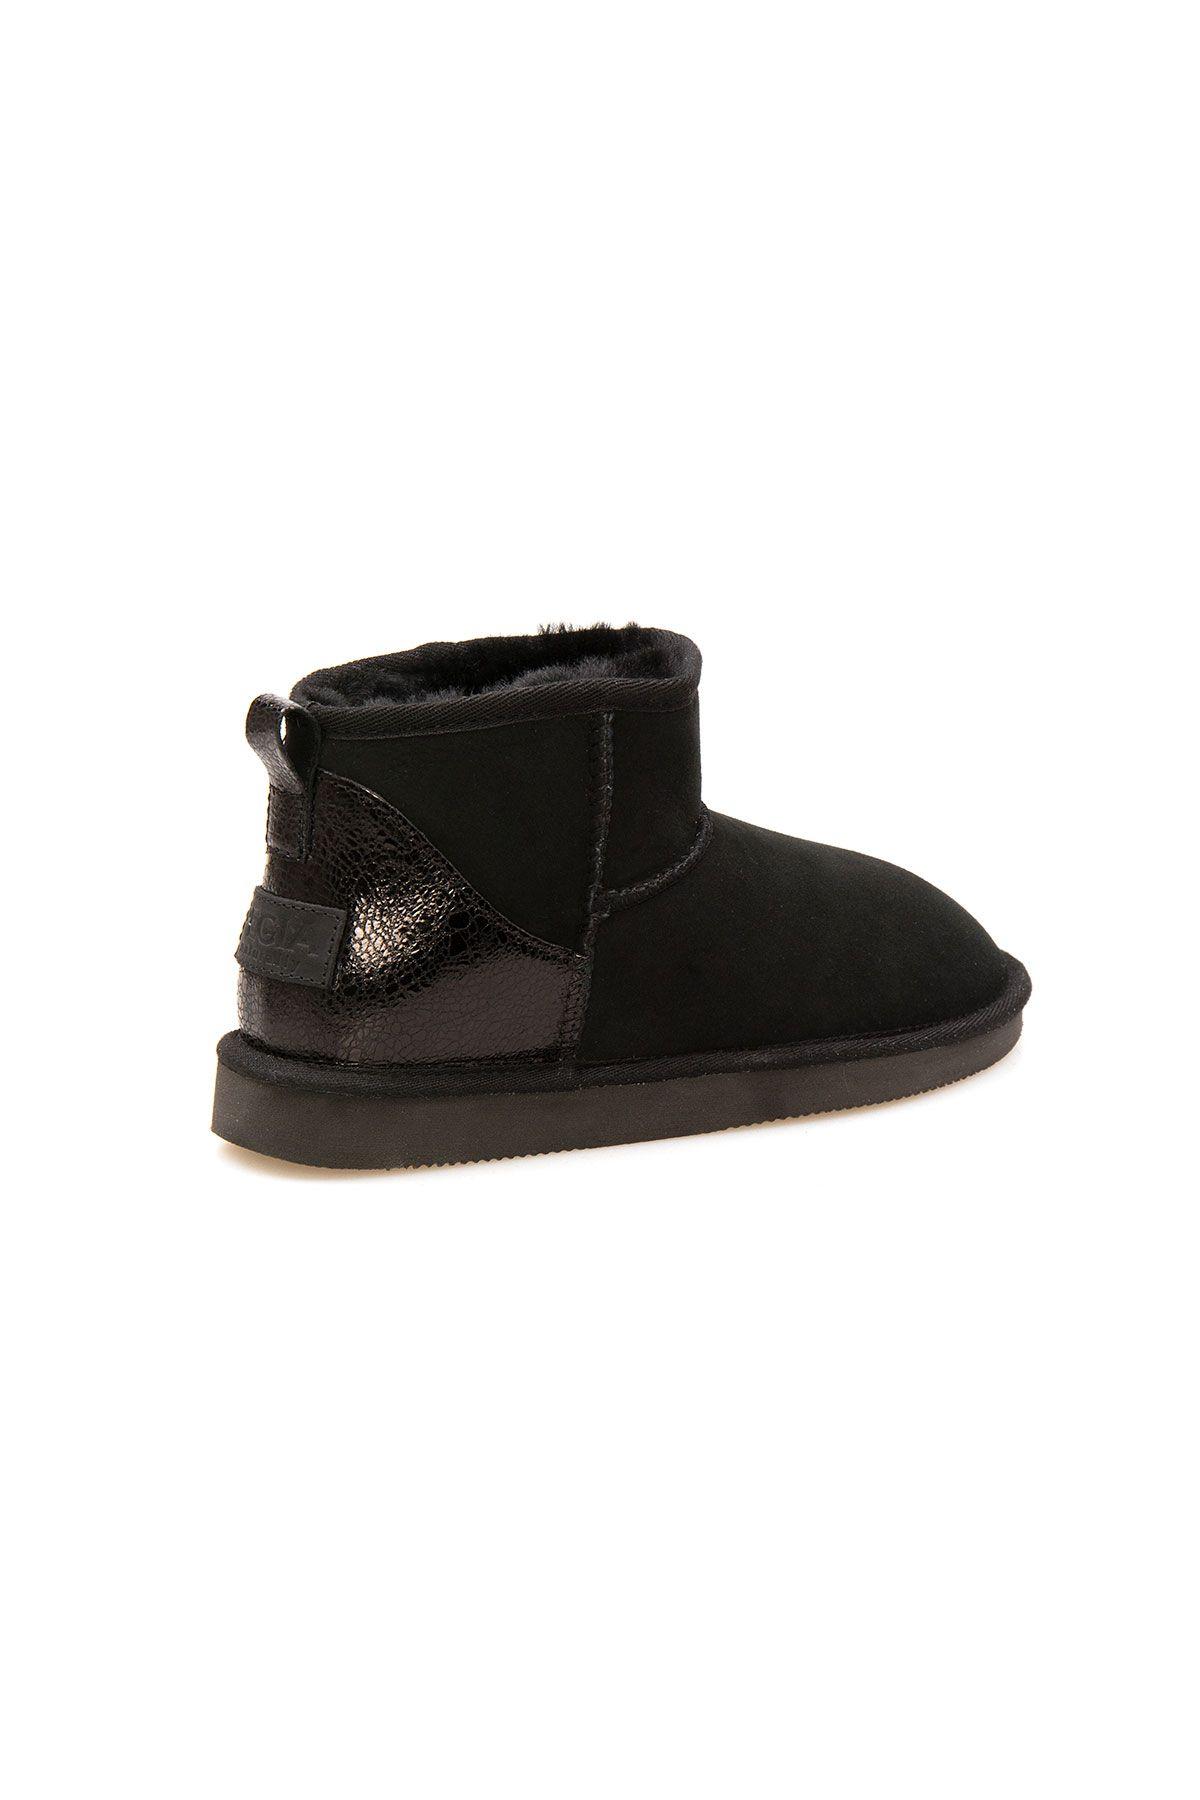 Pegia Shearling Women's Mini Boots 191133 Black